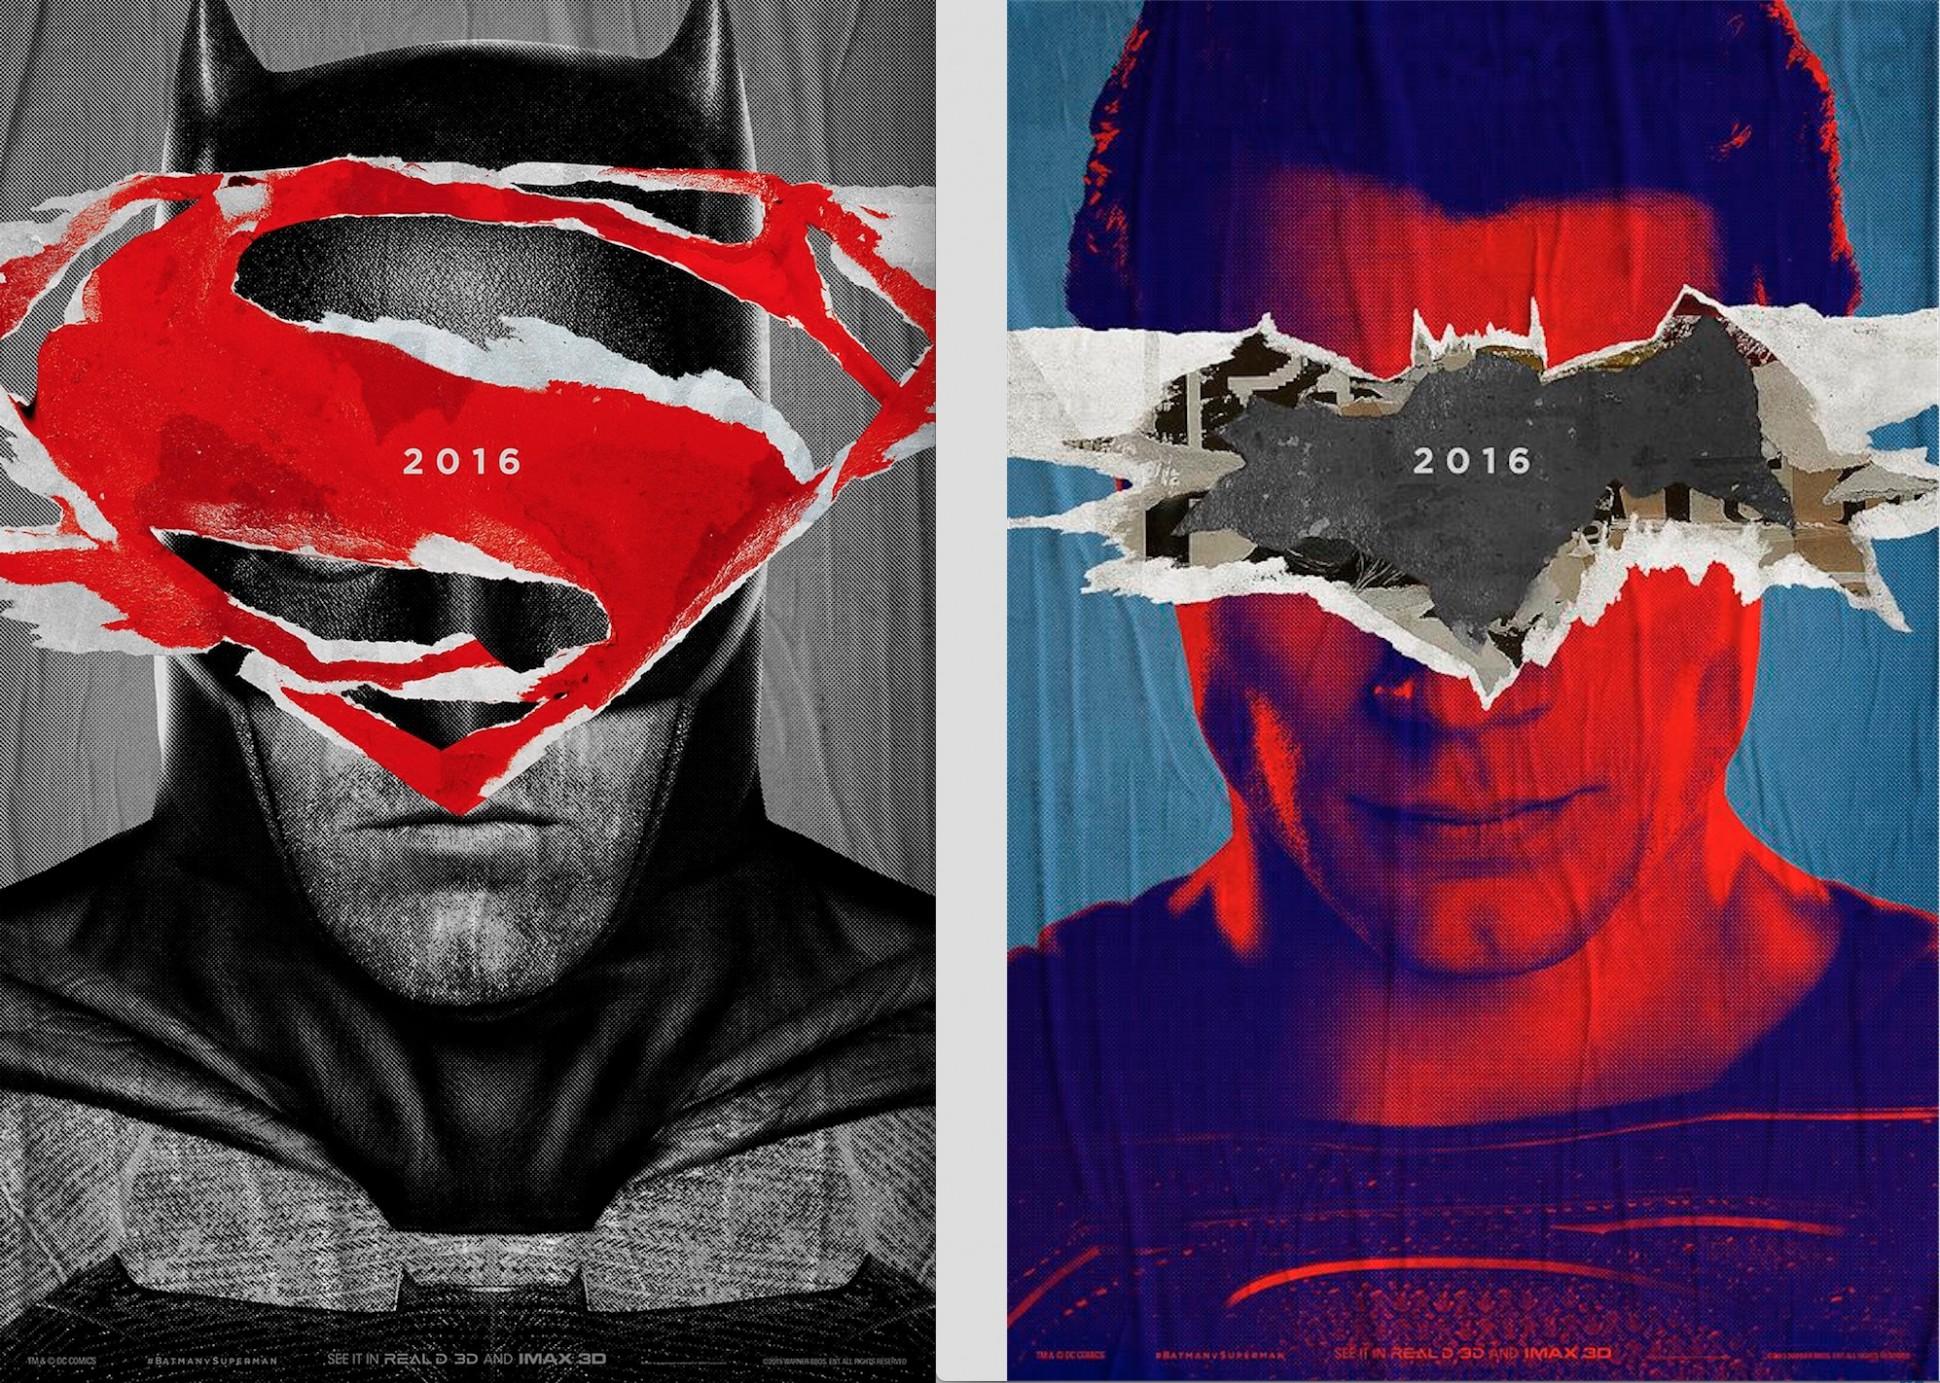 Pósters de Batman v Superman: El Amanecer de la Justicia